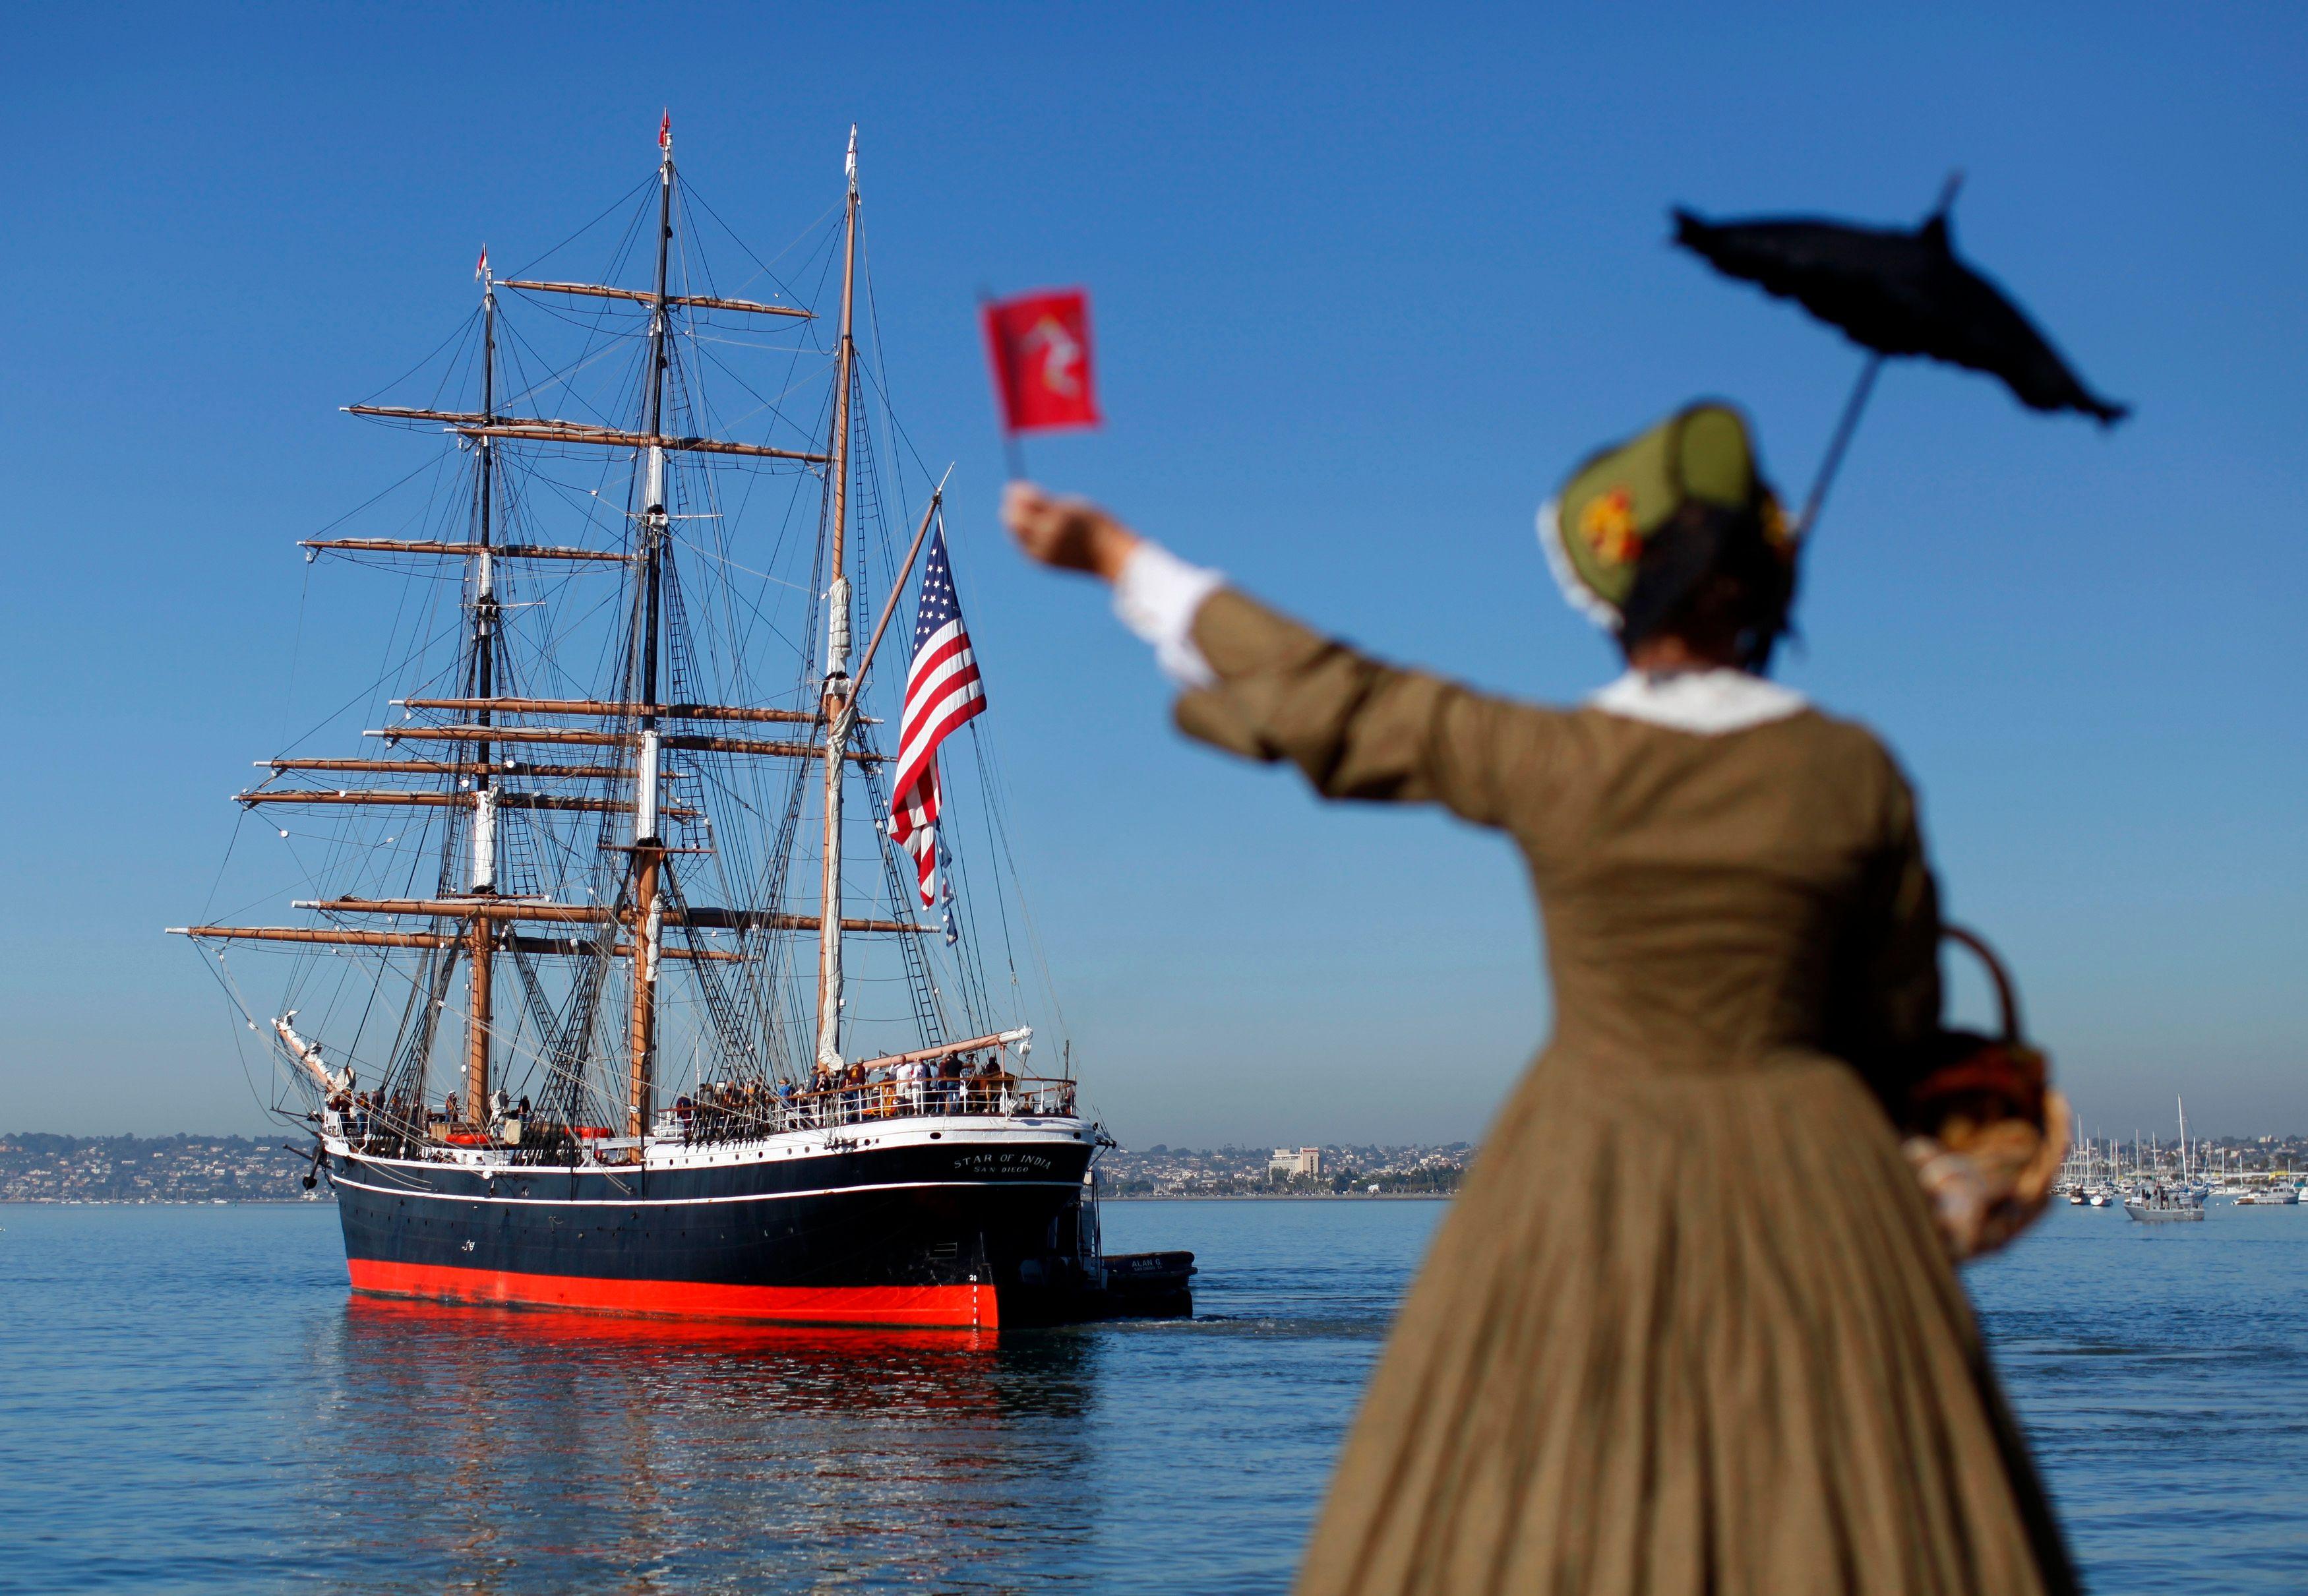 L'Amérique n'a pas été découverte par Christophe Colomb mais par un navigateur musulman !